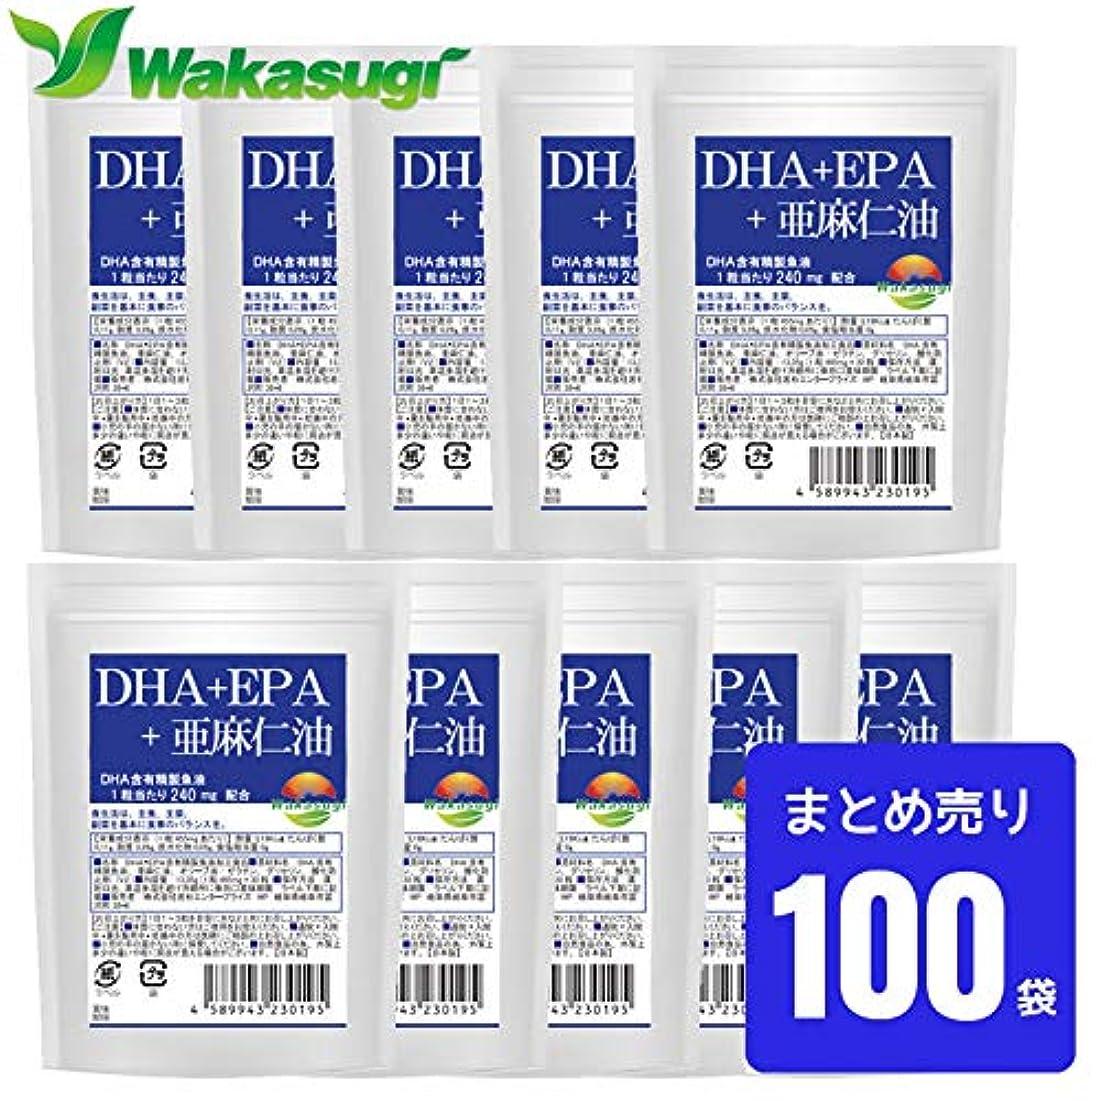 どっち瀬戸際スカートDHA+EPA+亜麻仁油 ソフトカプセル30粒 100袋 合計3,000粒 まとめ売り